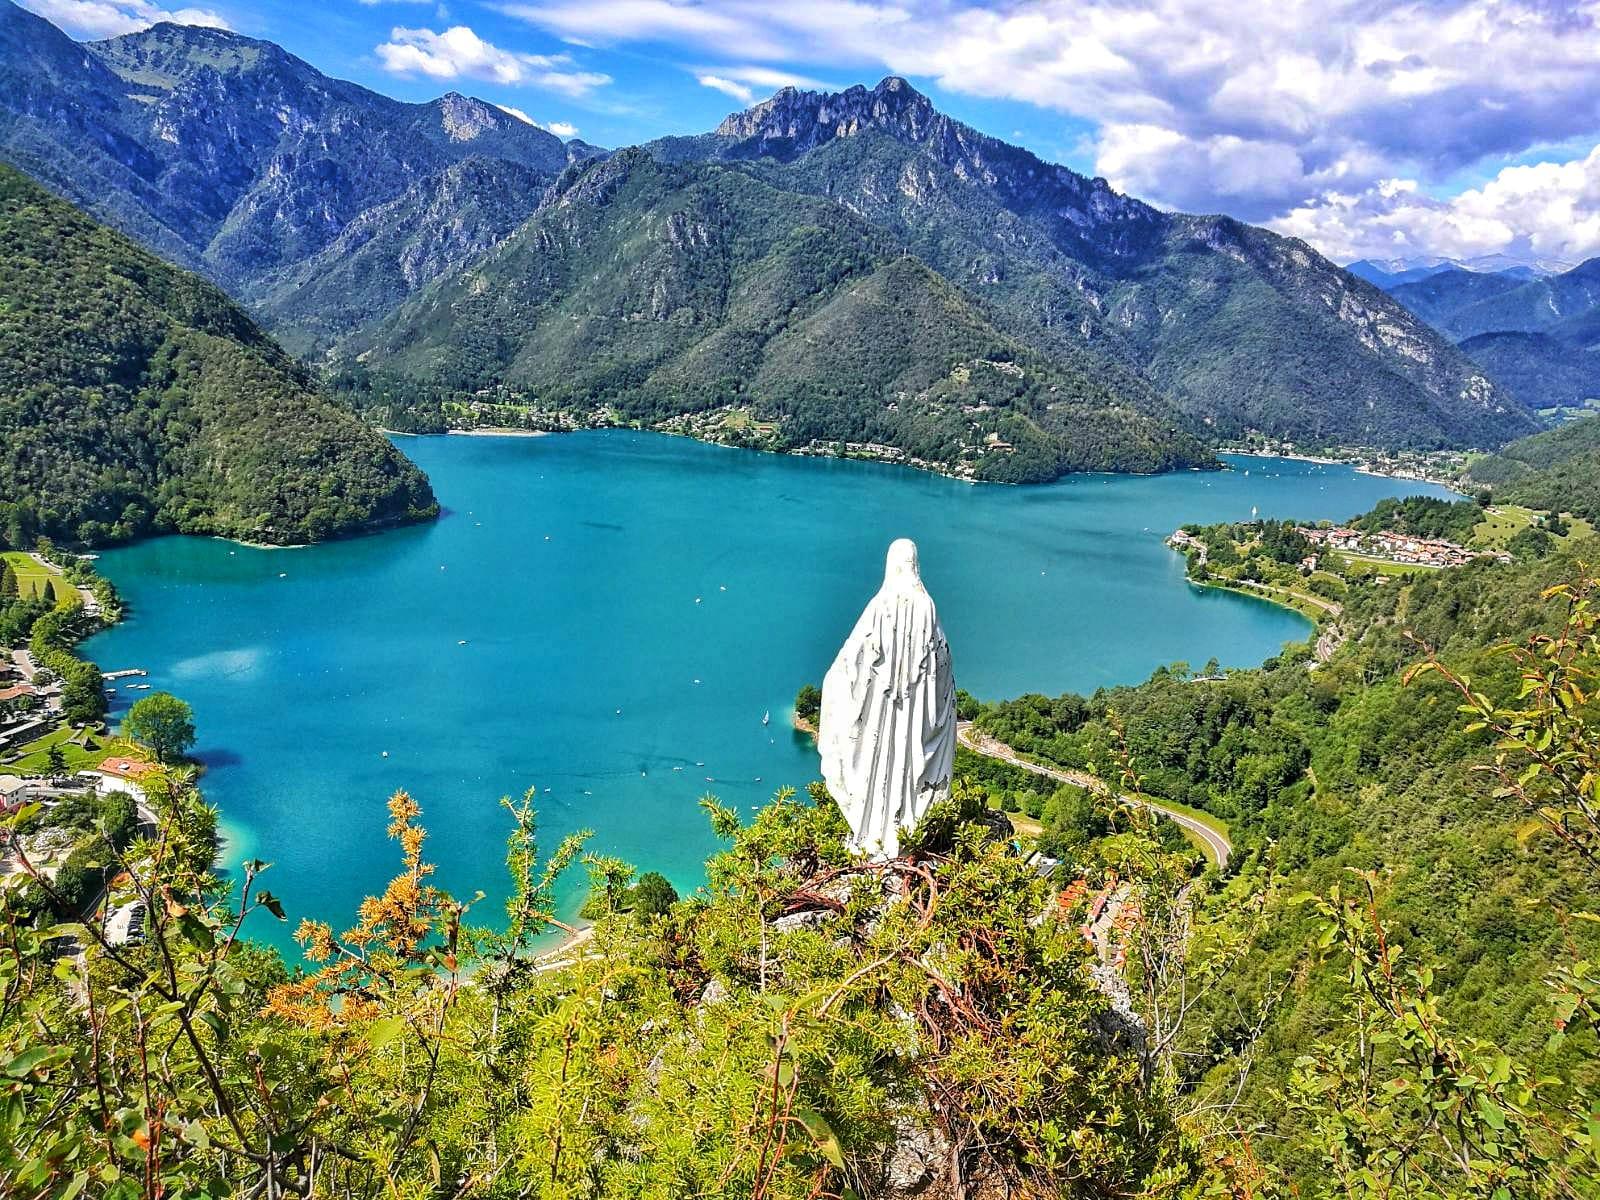 I laghi da visitare nei dintorni del Lago di Garda